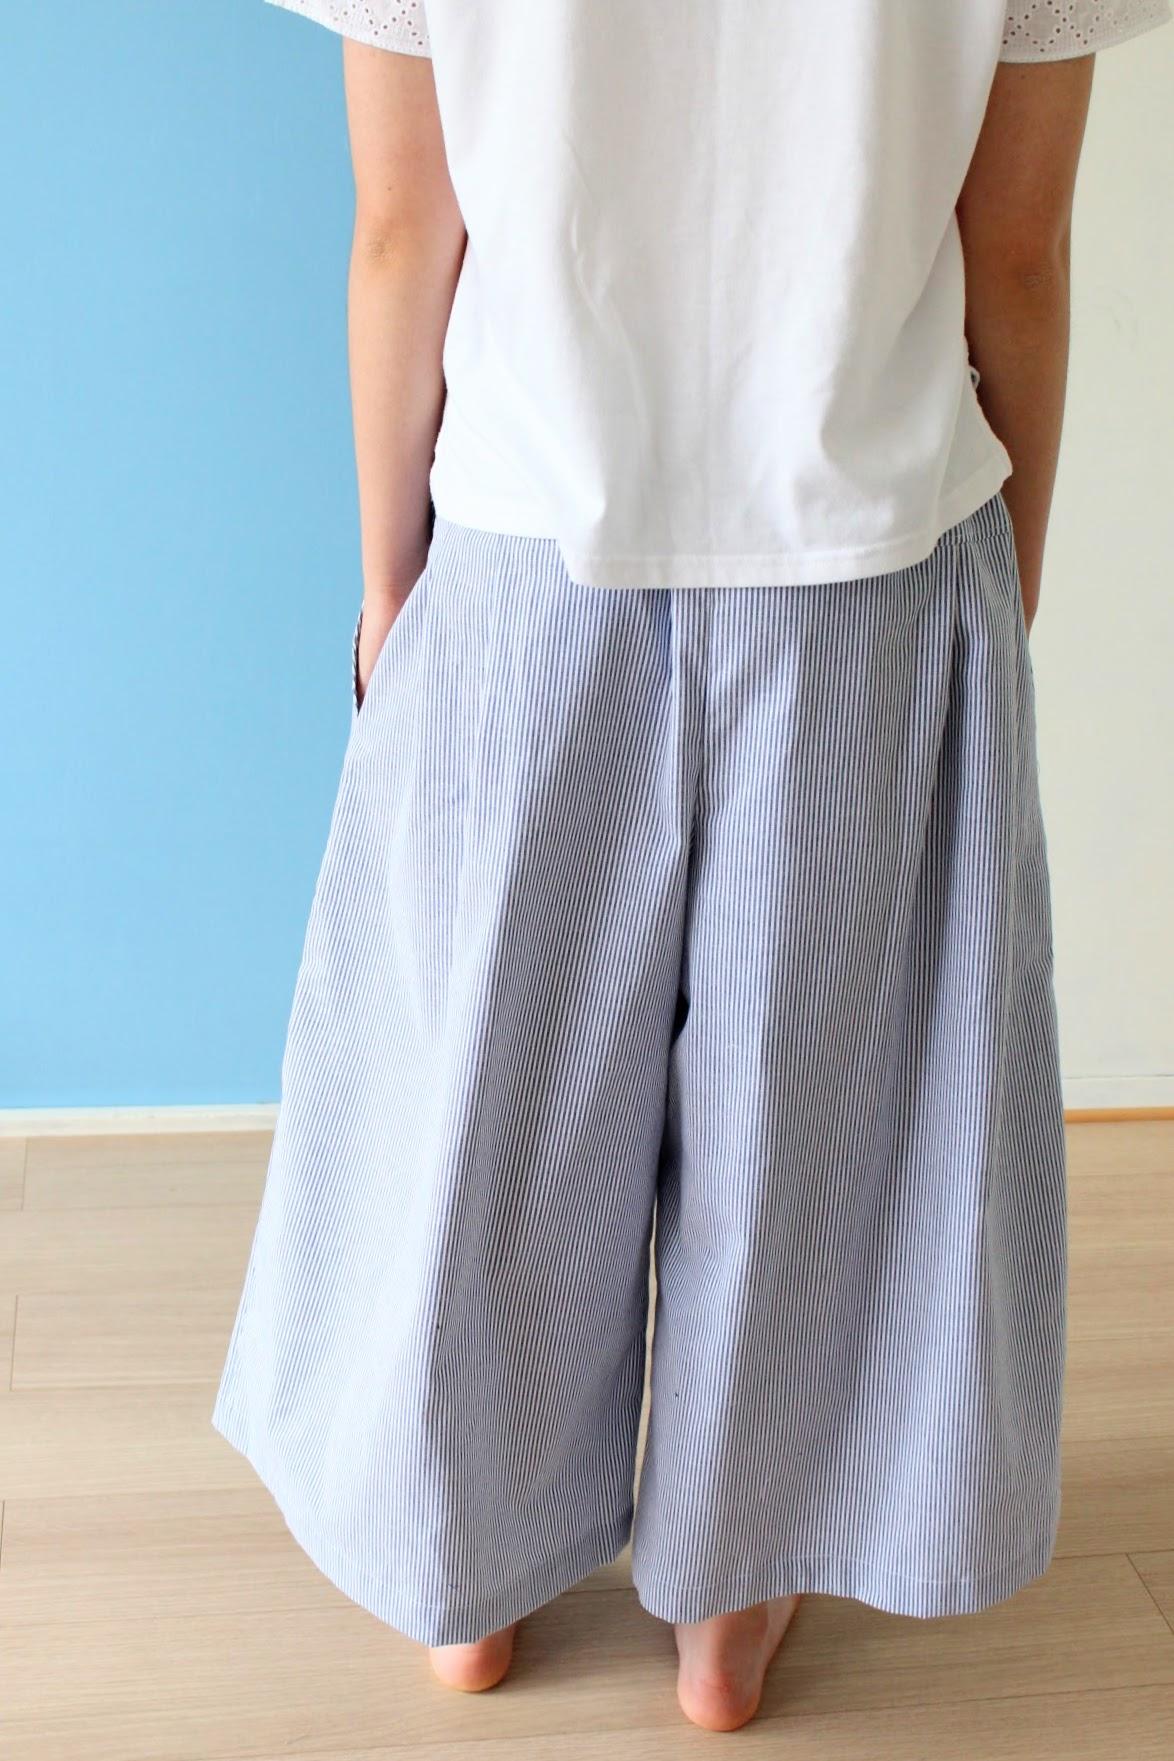 そろそろ夏のお洋服の準備始めませんか?涼しいキュロットスカートでお出かけを。